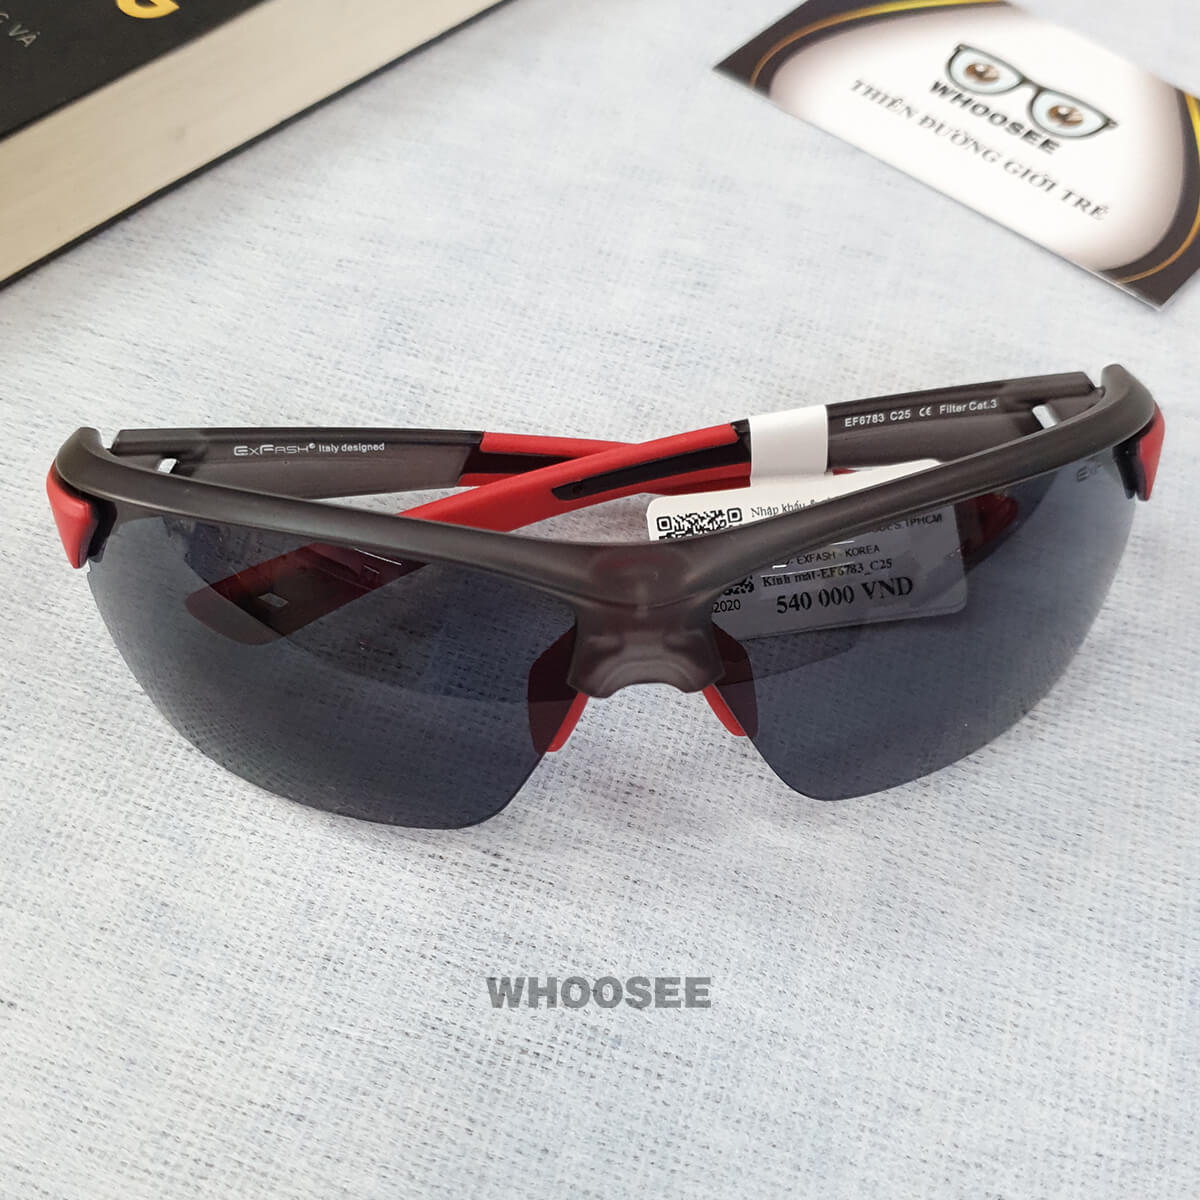 Kính Mát Thể Thao Nam Màu đen Nhám đỏ Bằng Nhựa Ef6783 C25 Exfash